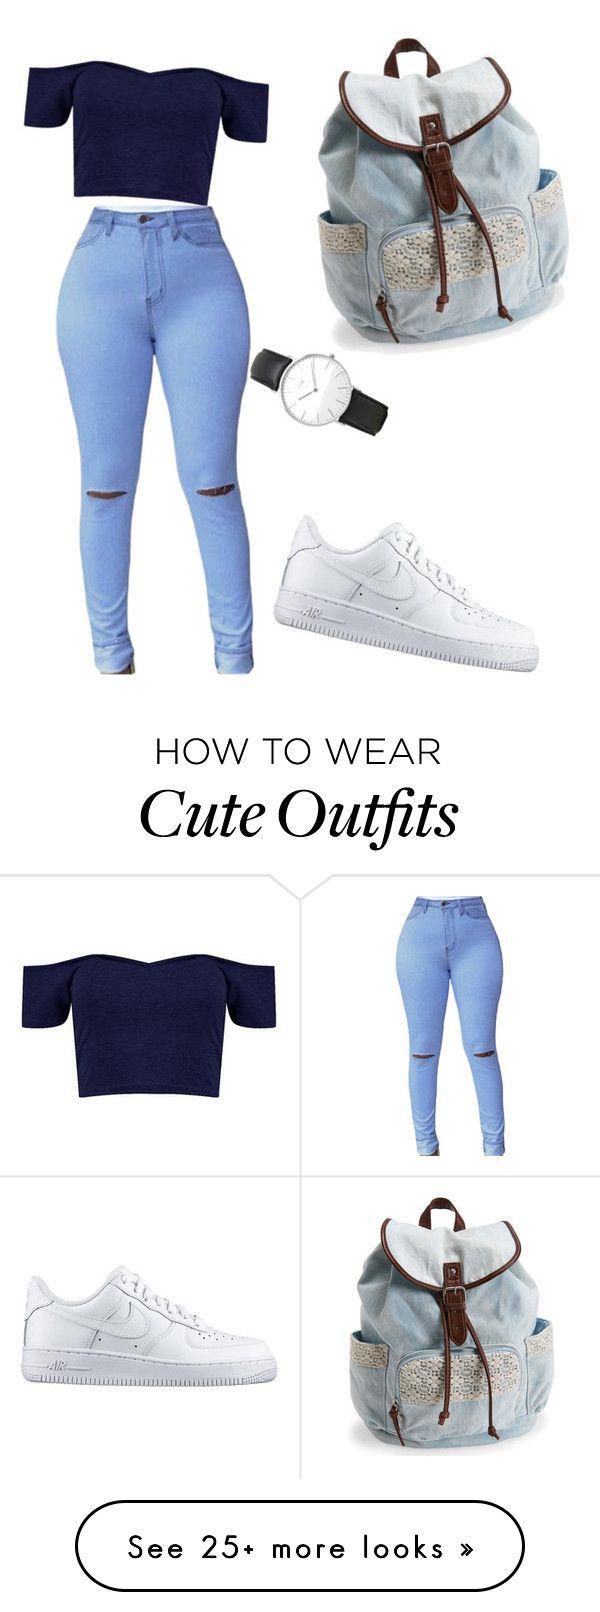 off-the-shoulder-top, gescheurde broek, sneakers, horloge, rugzak